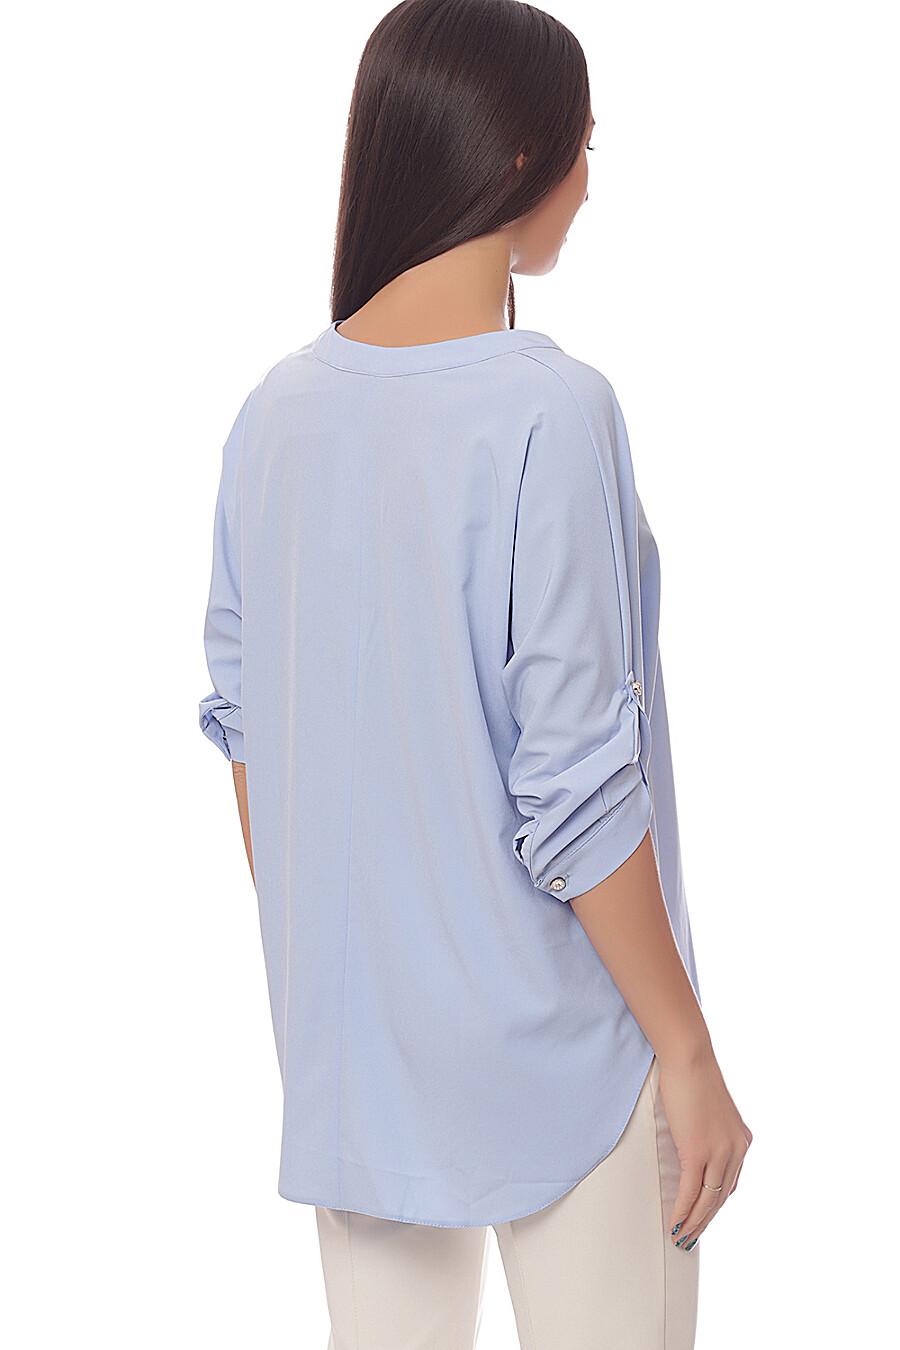 Блуза TuTachi (62497), купить в Moyo.moda